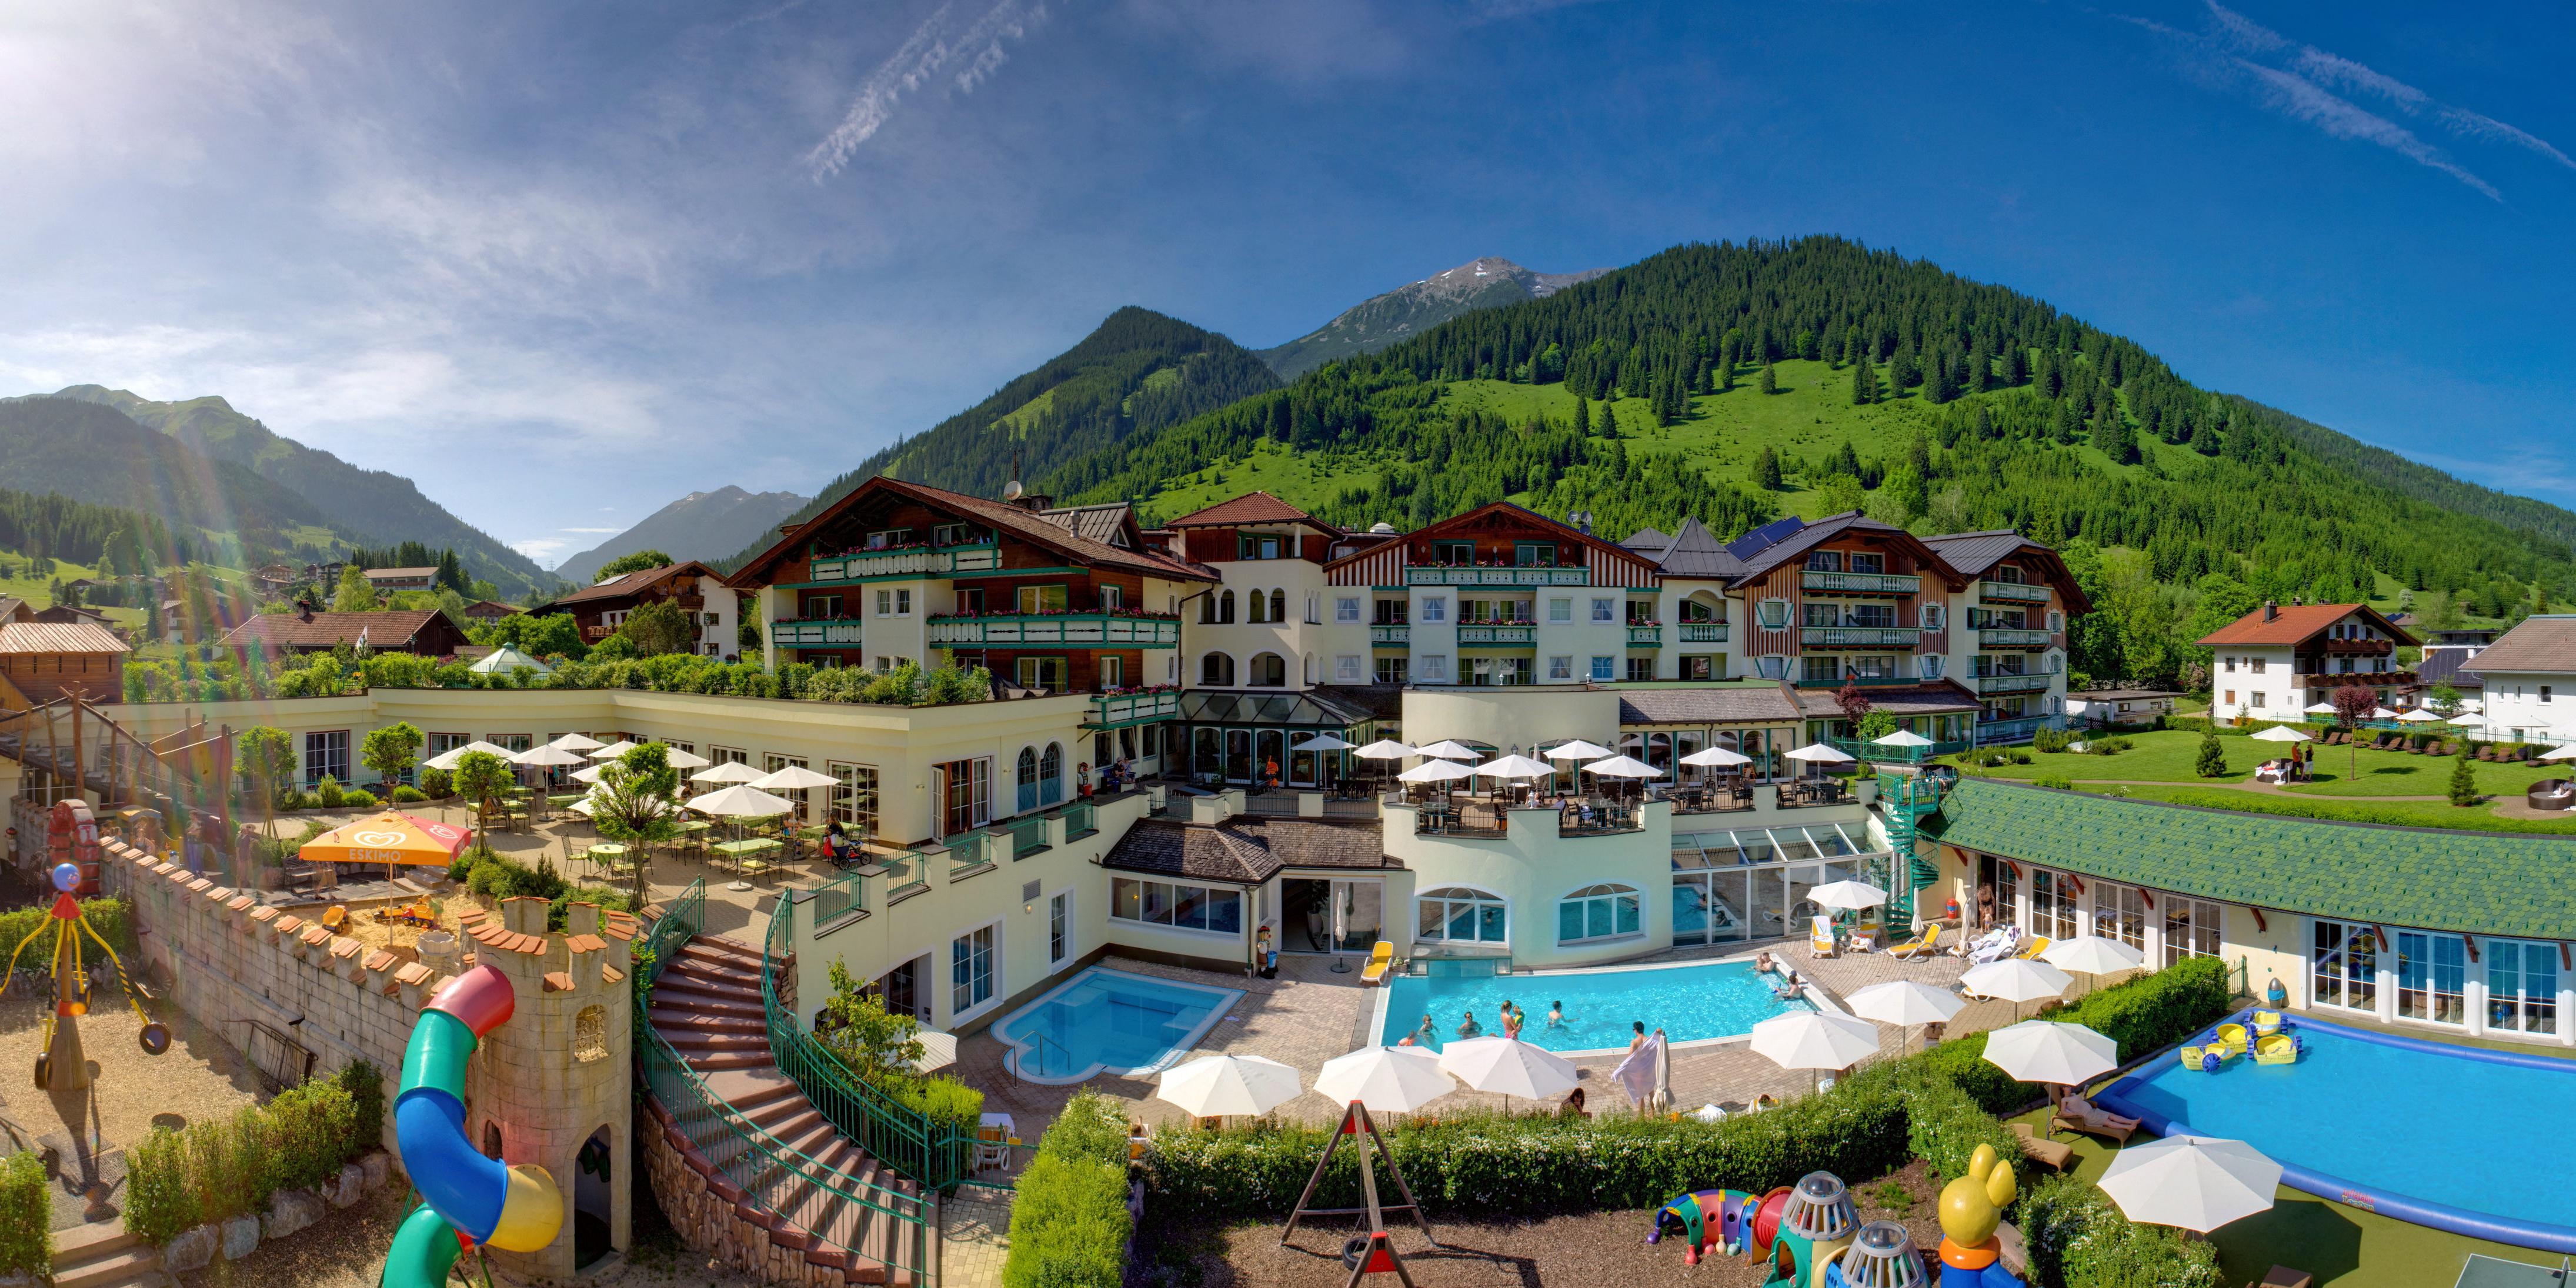 Osterreich Hotel In Den Bergen